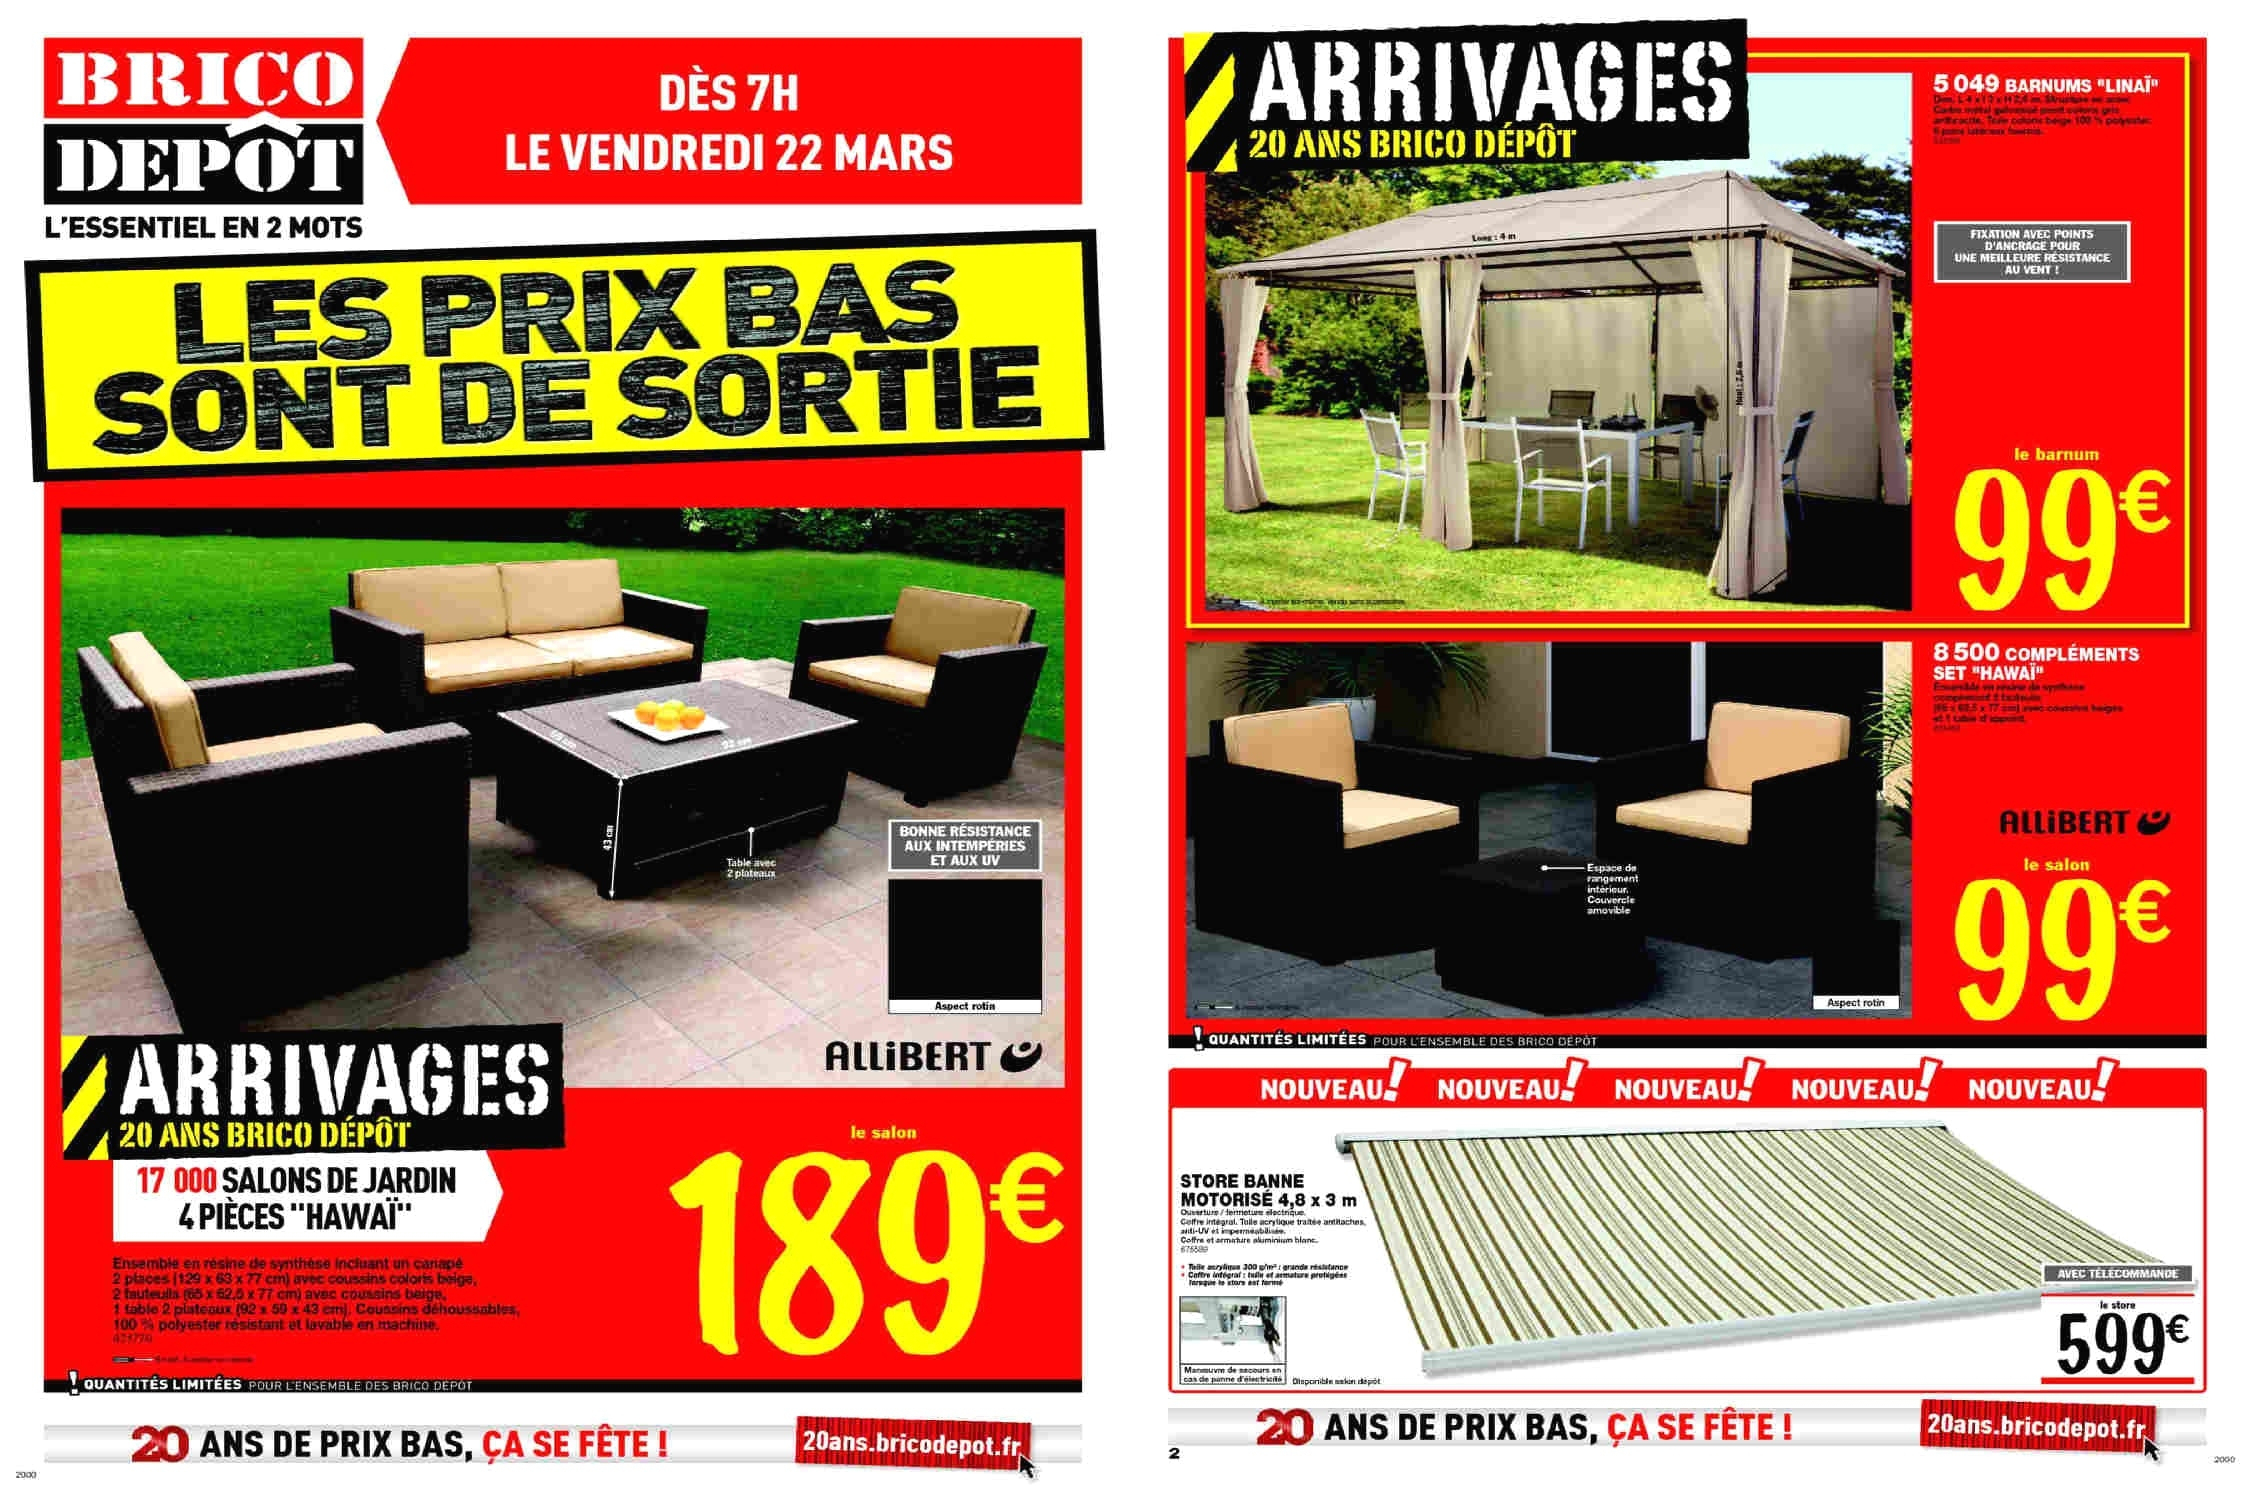 Brico Depot Salon De Jardin 2017 Nouveau Photos Revetement De sol Pas Cher Brico Depot Design De Maison